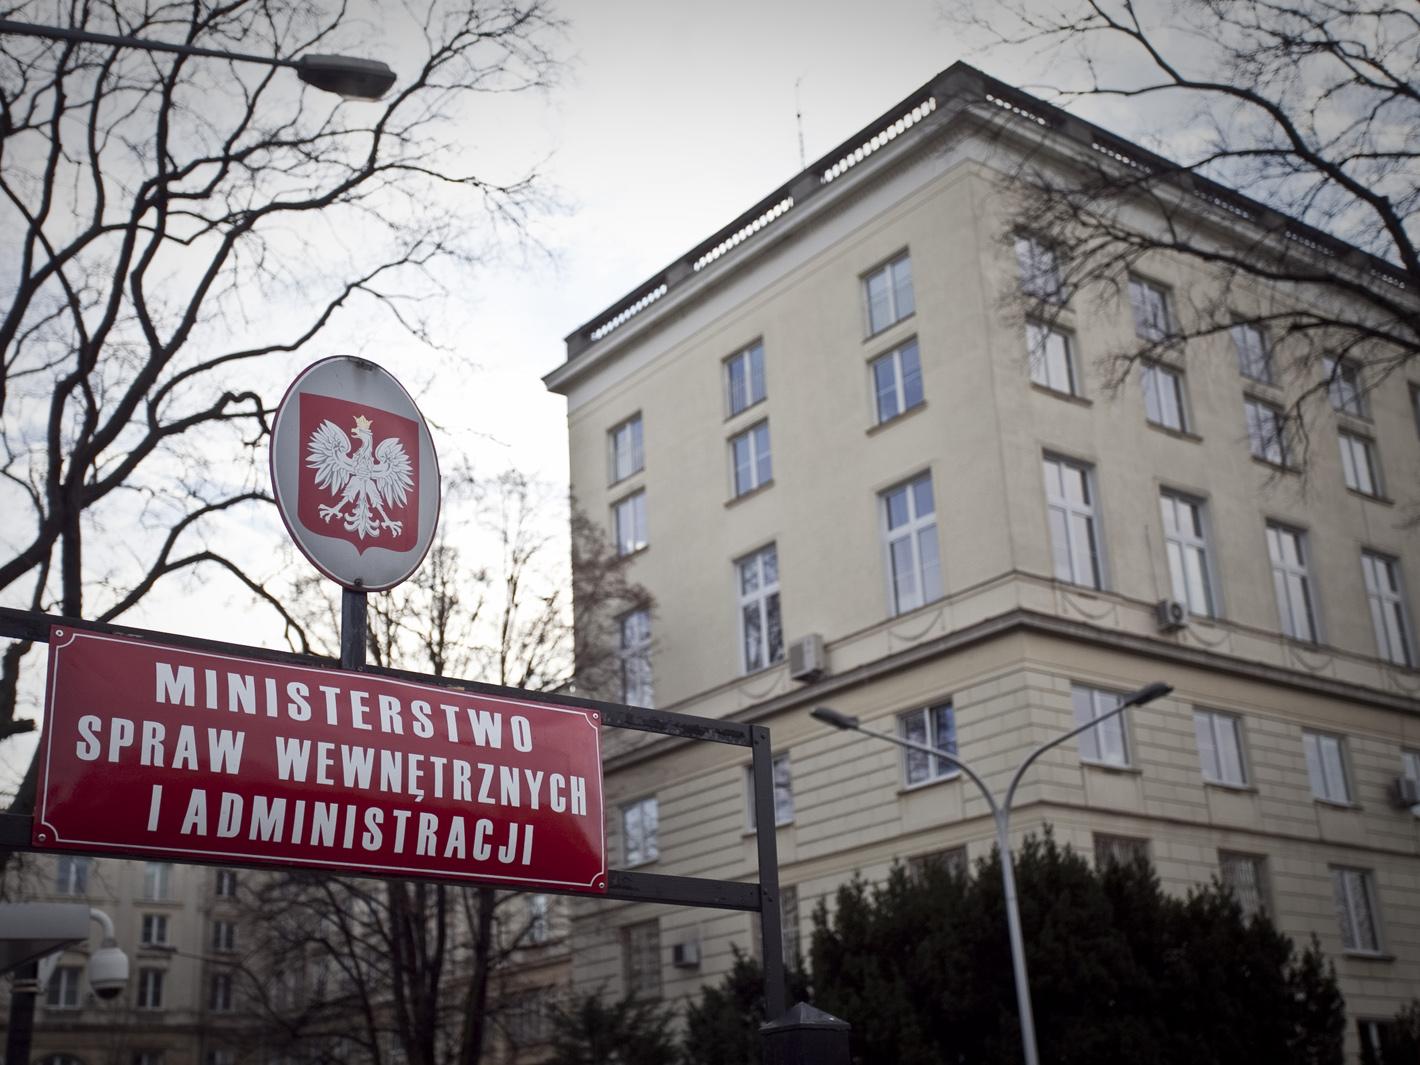 Wniosek Zarządu Głównego NSZZ FSG o wprowadzenie zmian w Rozporządzeniu Ministra Spraw Wewnętrznych i Administracji z dnia 14 czerwca 2002 r. w sprawie zakresu obowiązków oraz podstaw, zakresu i trybu udzielania zwolnień od zajęć służbowych funkcjonariuszom Straży Granicznej